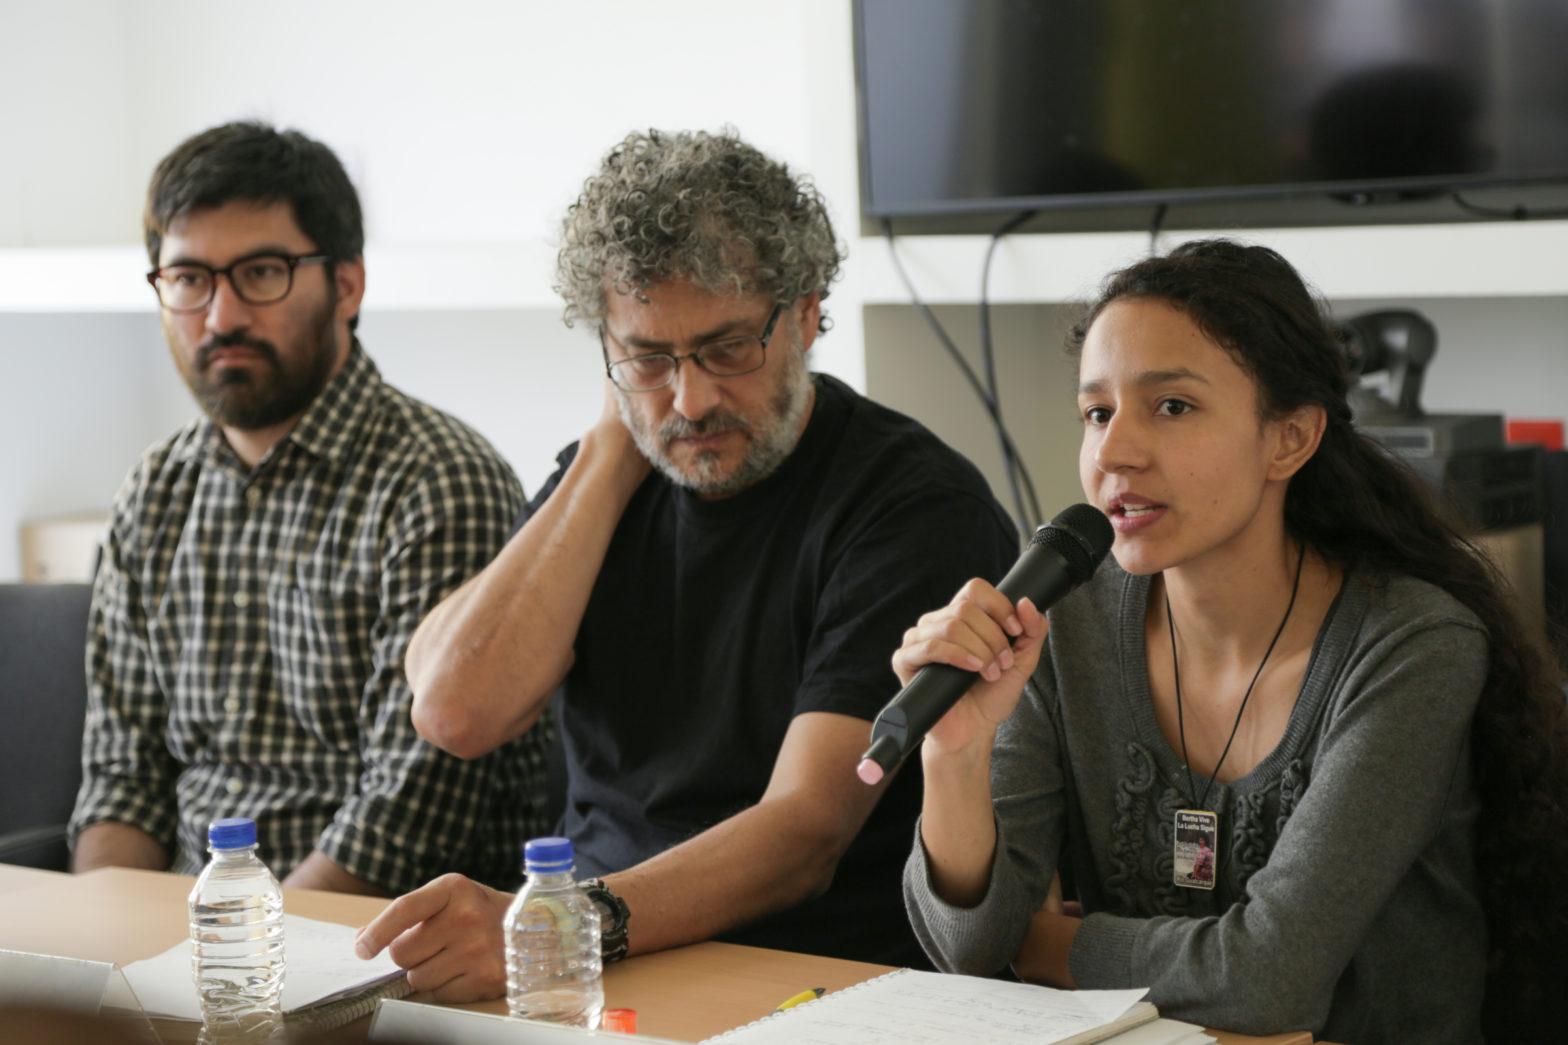 Bertha Zúñiga, hija de Berta Cáceres, durante la conferencia de prensa de hoy. Foto: Sergio Ortiz Borbolla